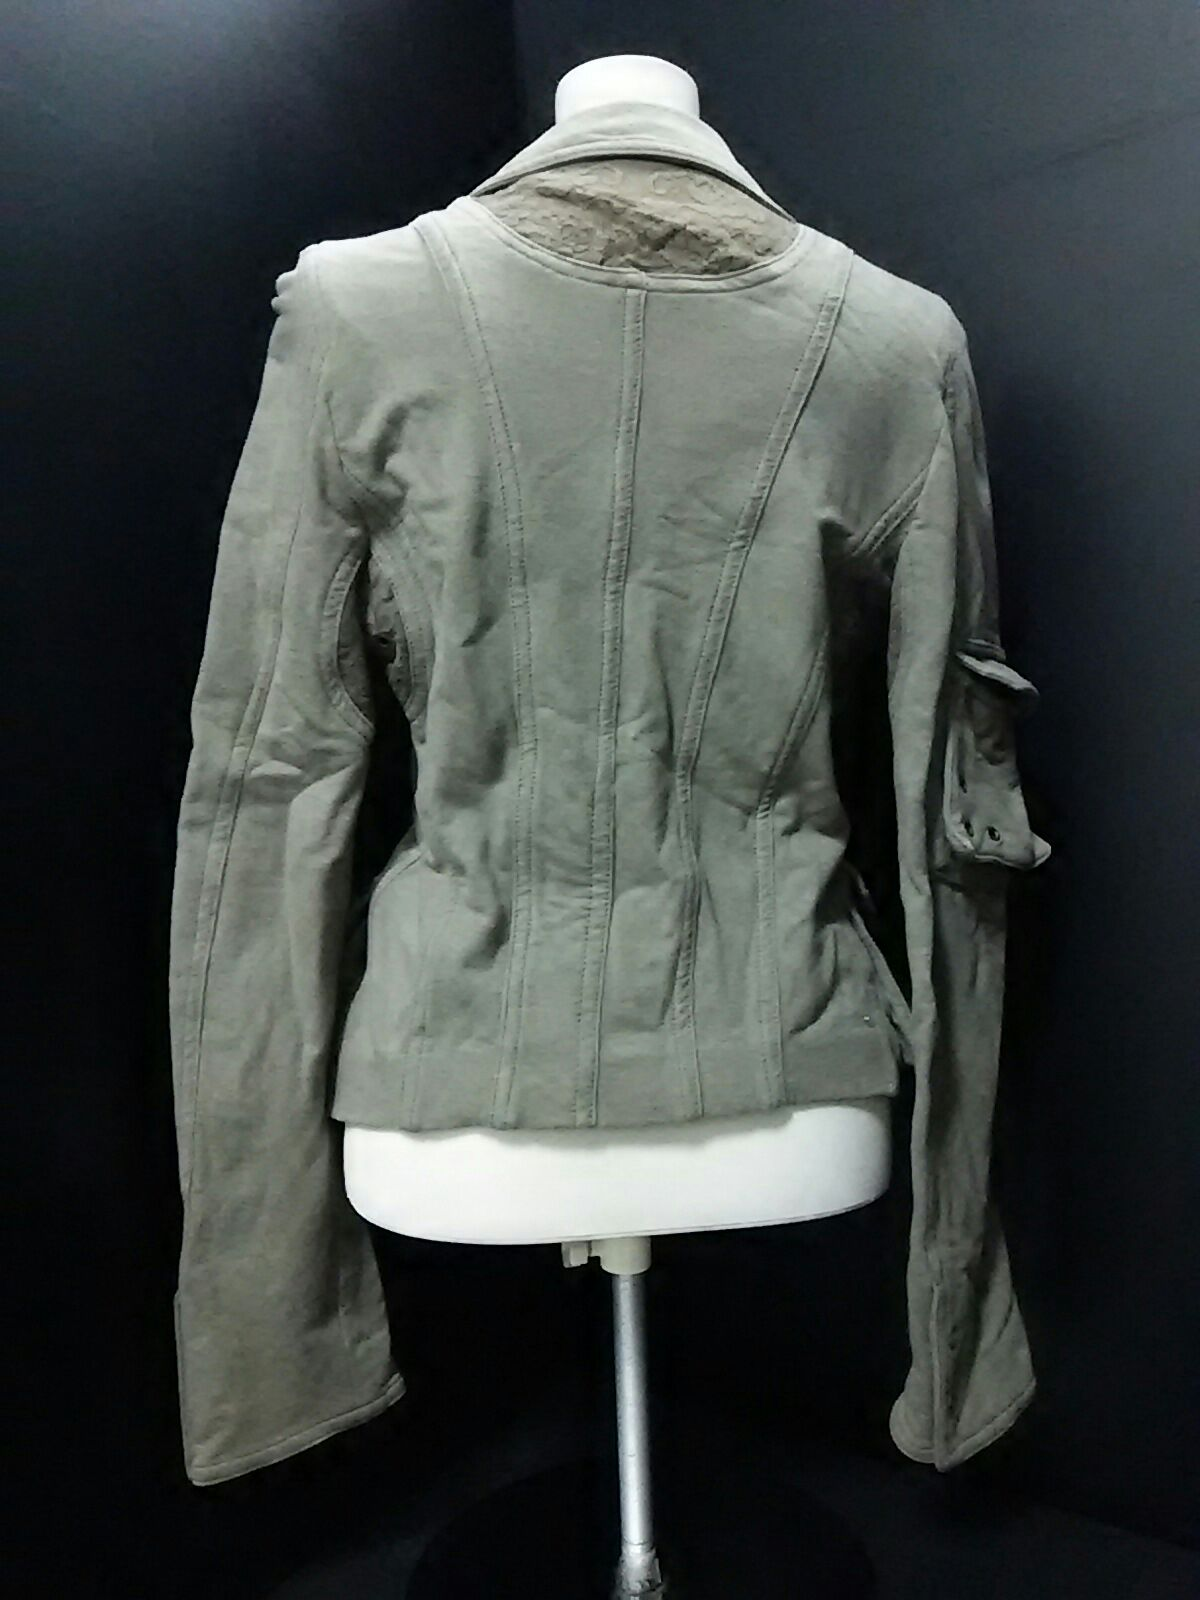 ATOS LOMBARDINI(アトスロンバルディーニ)のジャケット